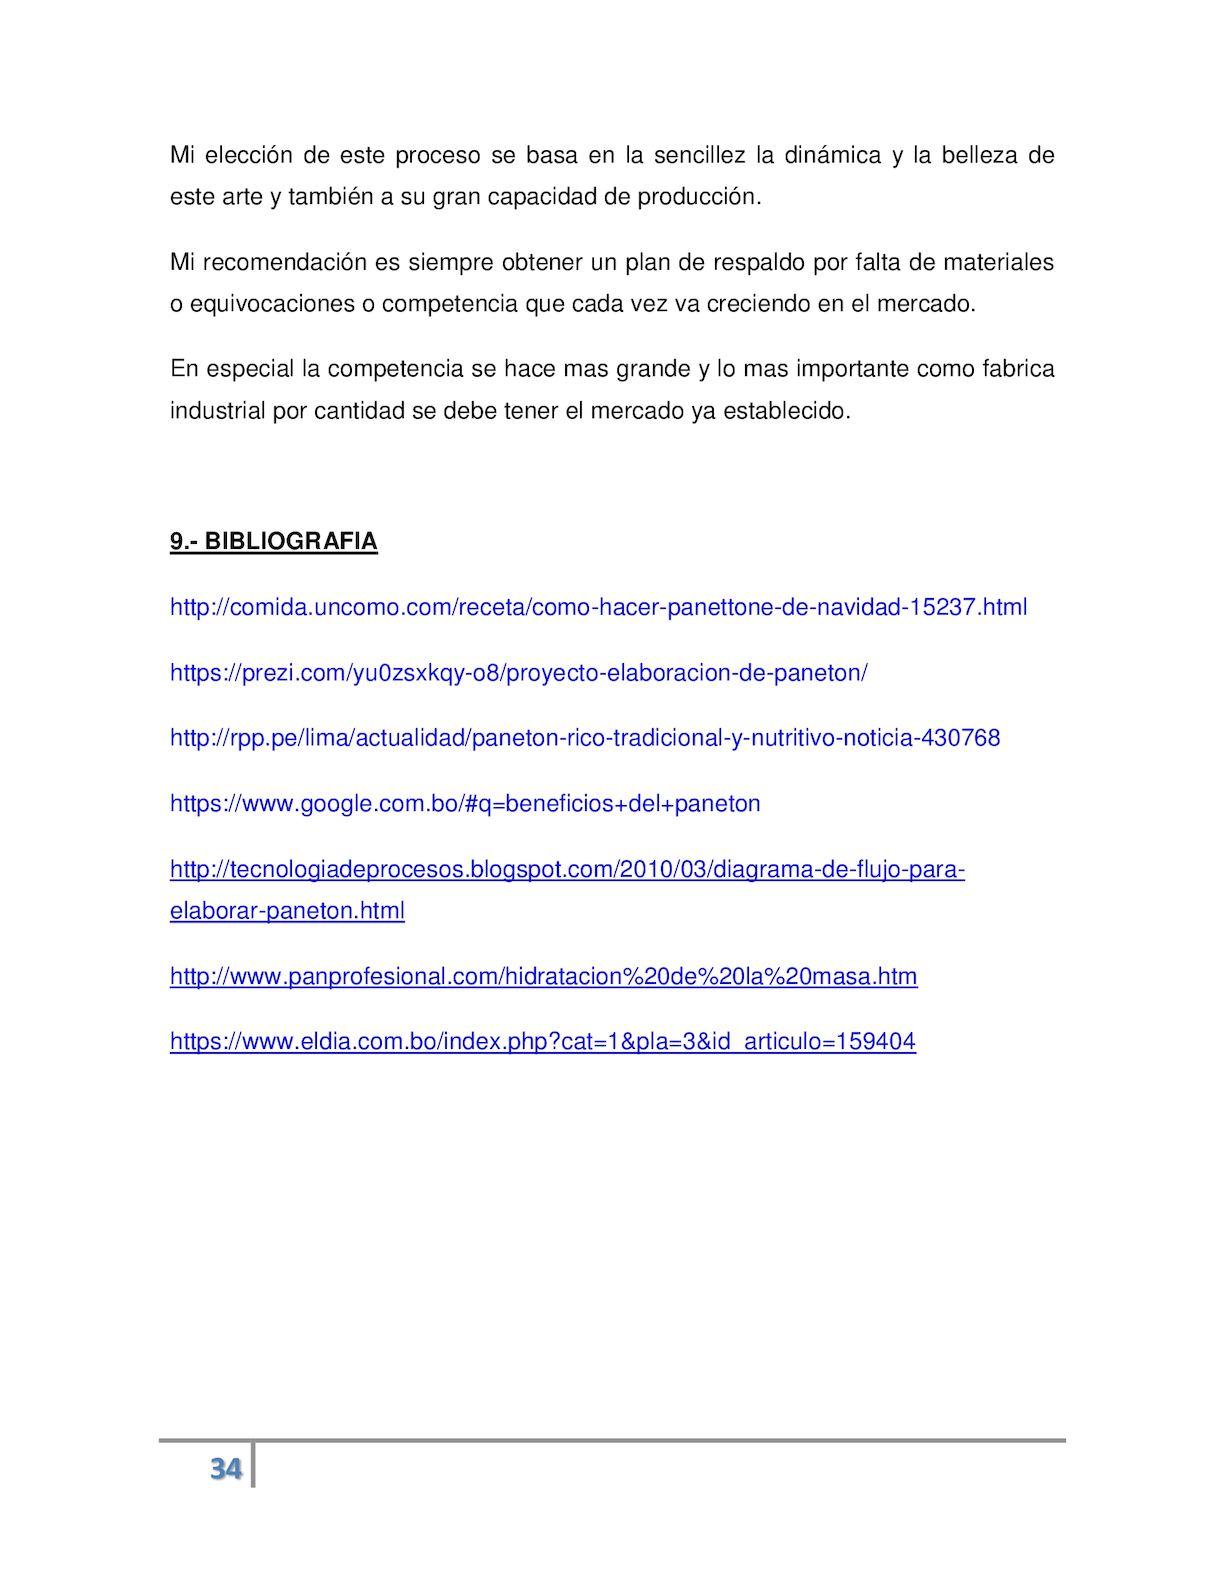 Produccion industrial de panetones calameo downloader page 34 ccuart Gallery